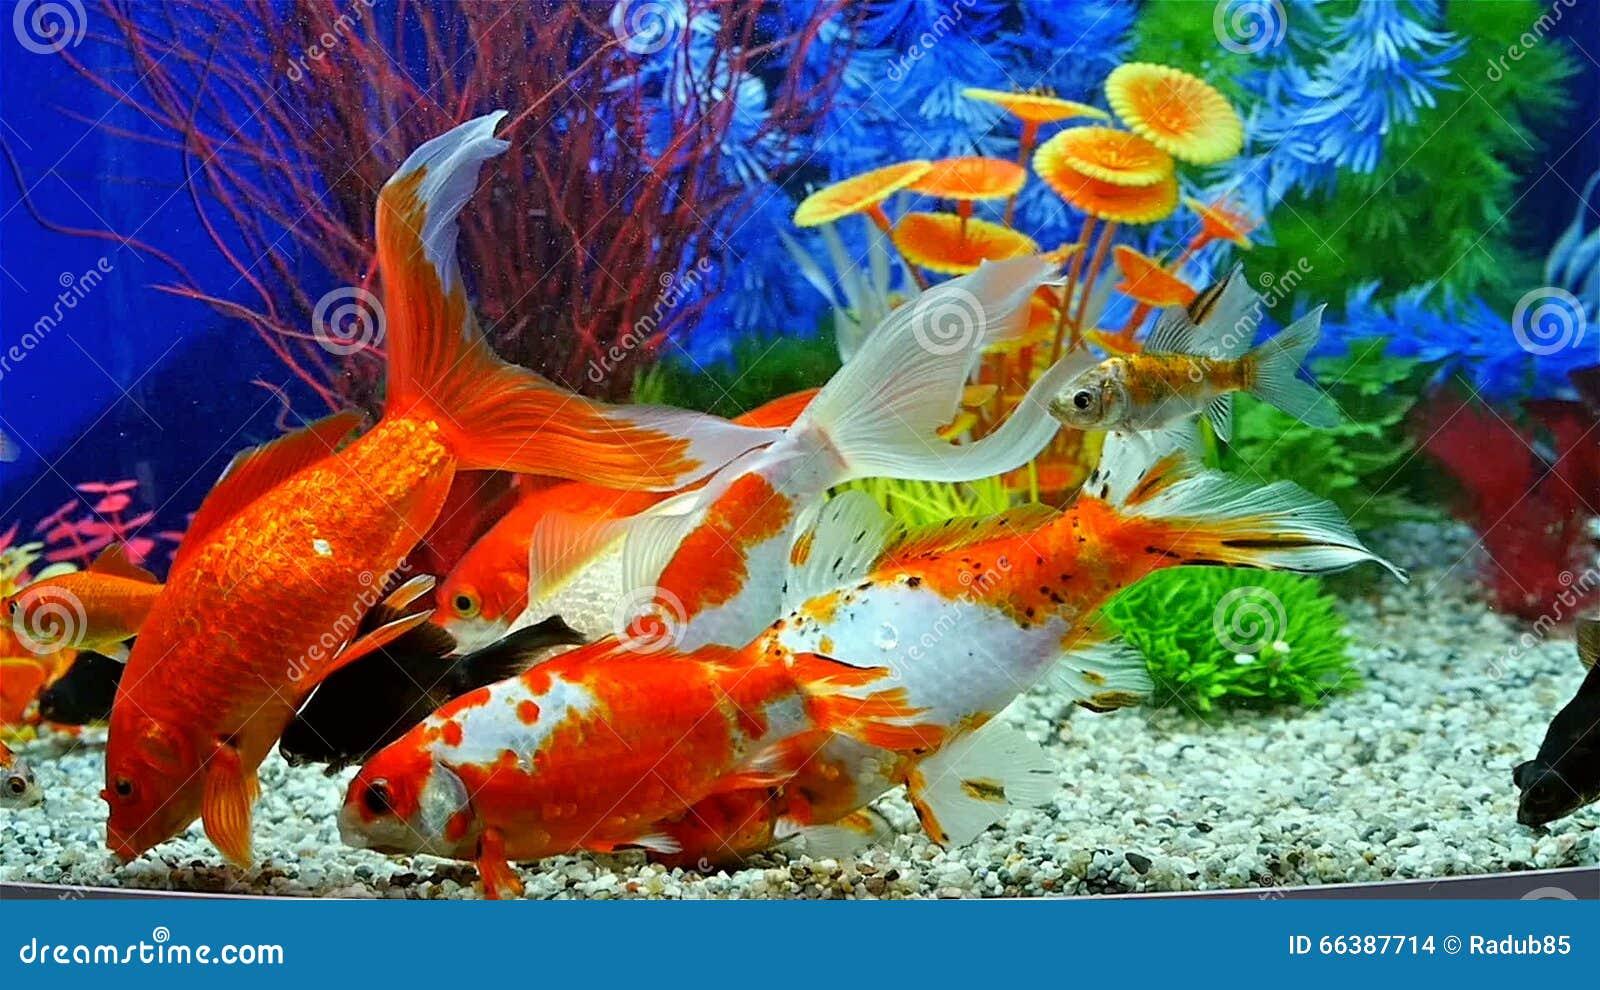 Acquario in movimento casamia idea di immagine for Pesci tropicali acqua dolce